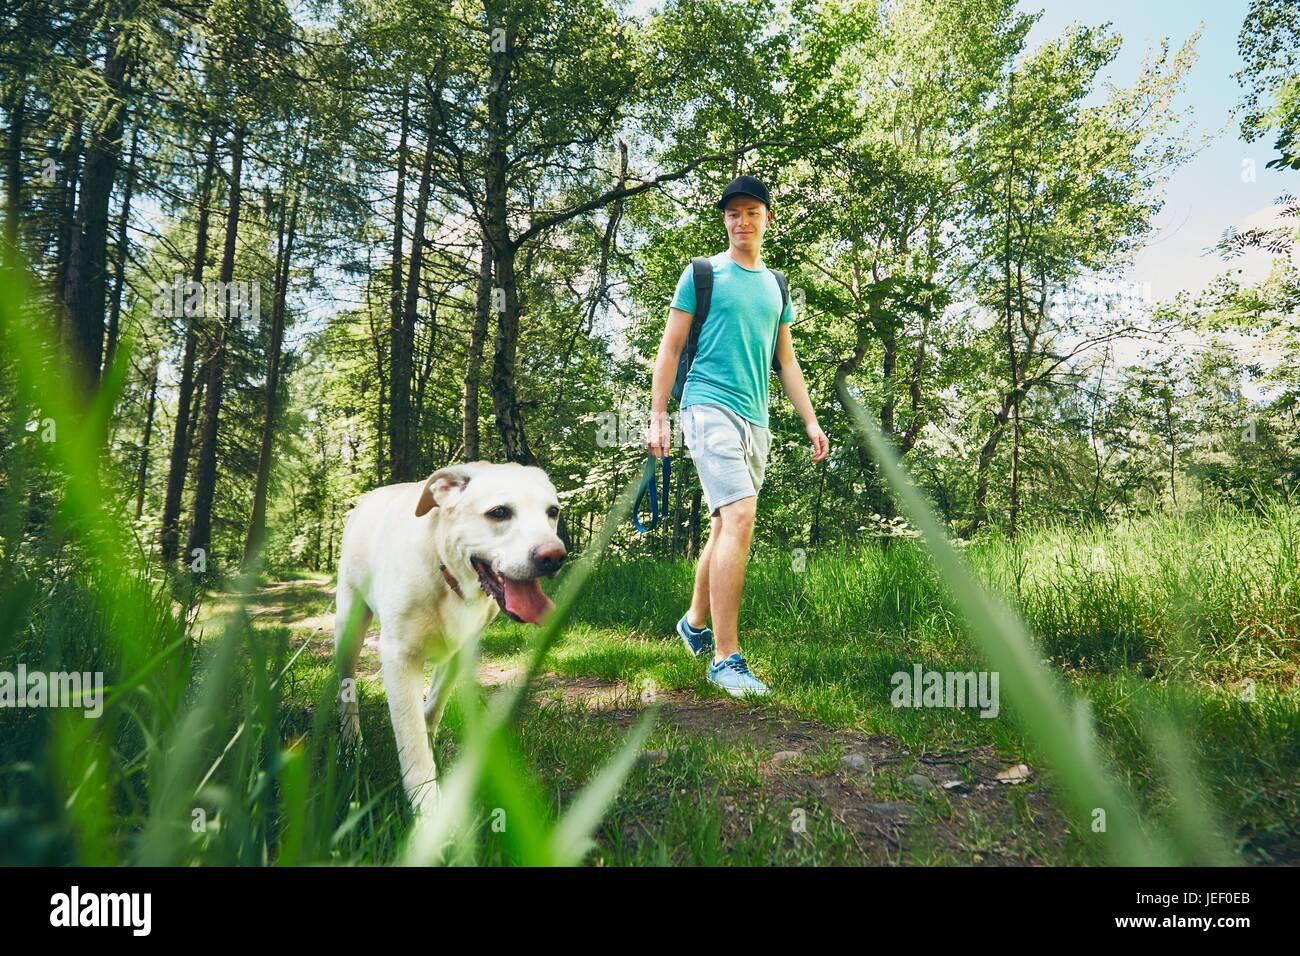 Junger Mann mit seinem Hund (Labrador Retriever) im Wald wandern. Sommer und Urlaub Thema. Stockbild